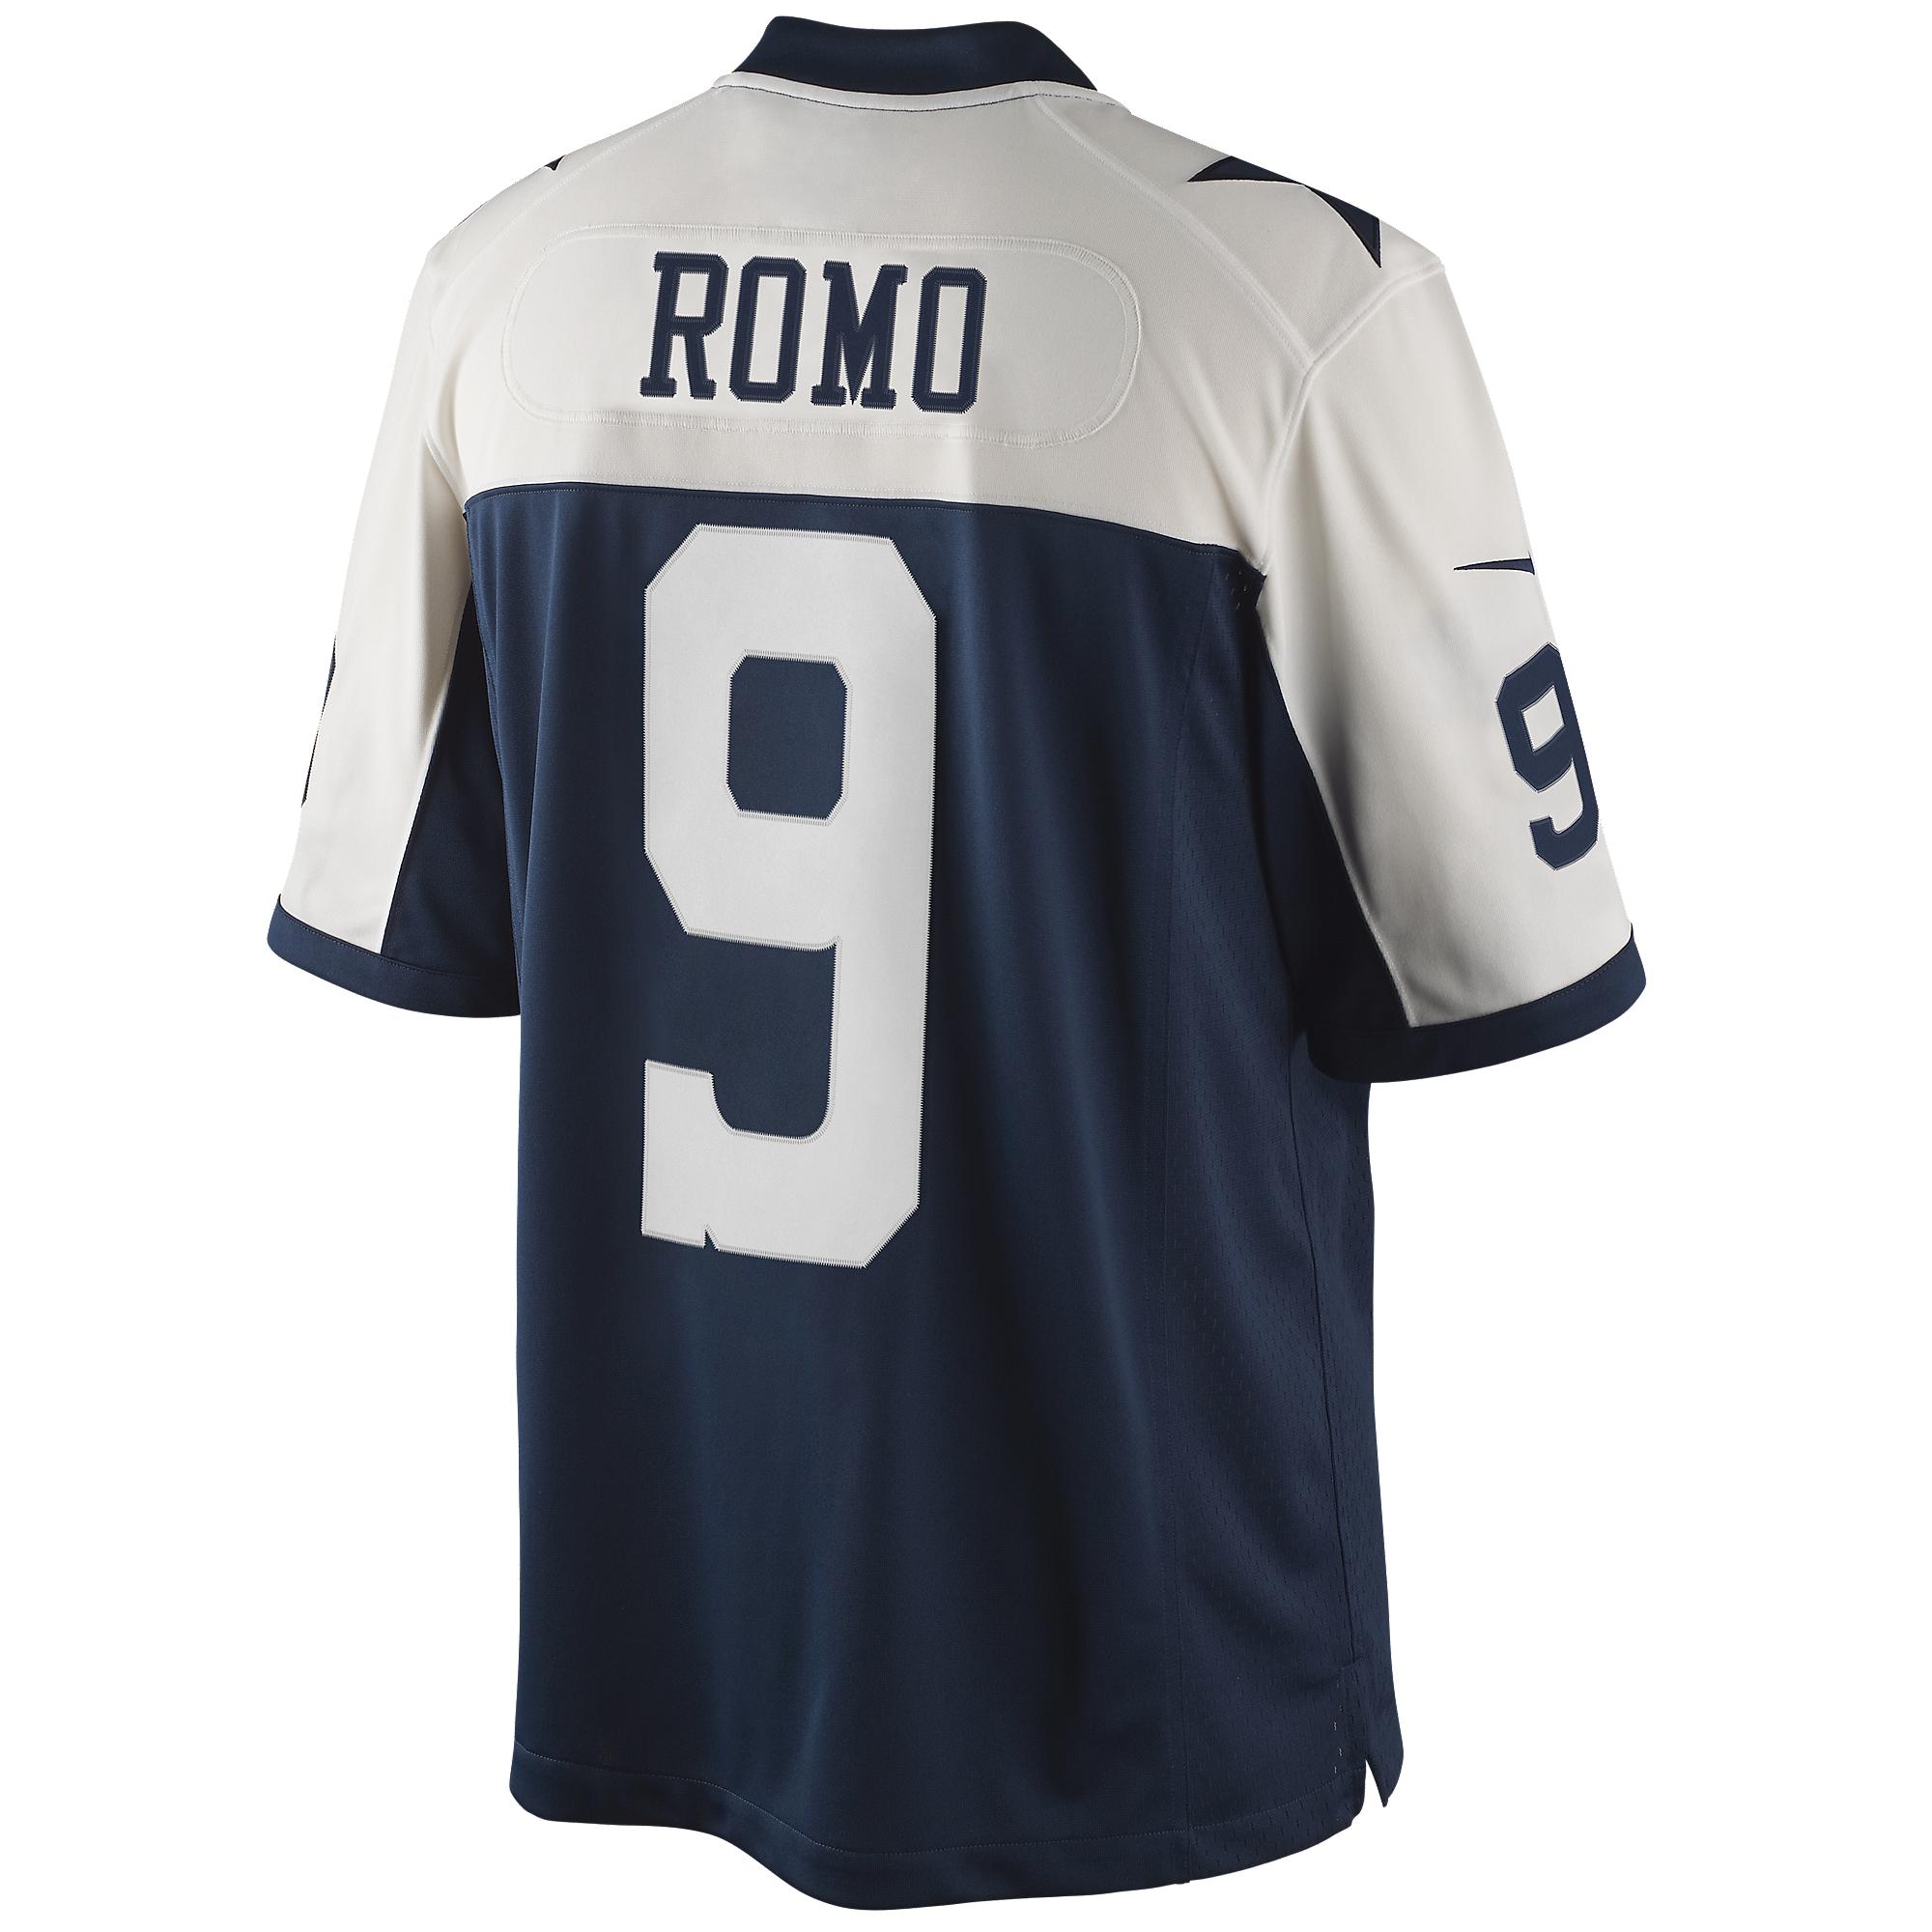 452fc9368b4d Dallas Cowboys Romo Nike Limited Throwback Jersey 3XL-4XL